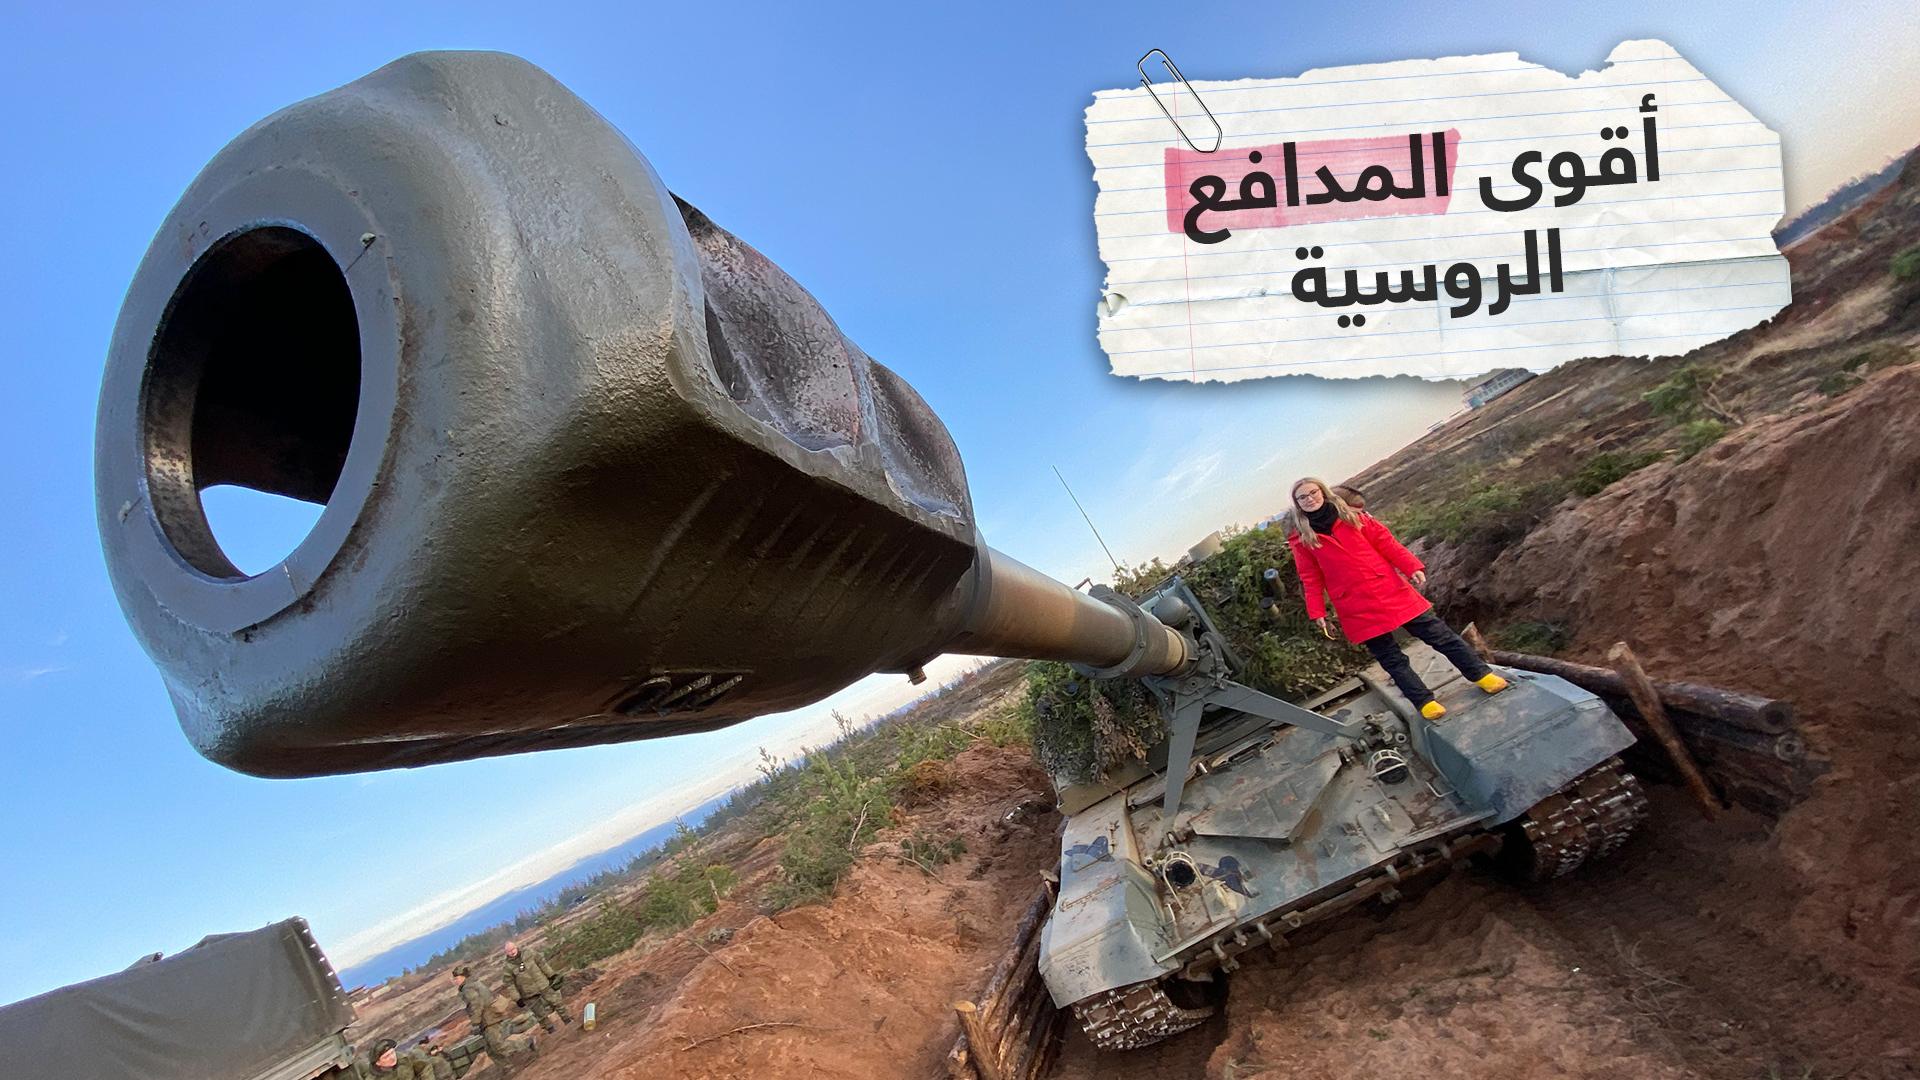 كيف يدرس العرب العلوم العسكرية في روسيا؟